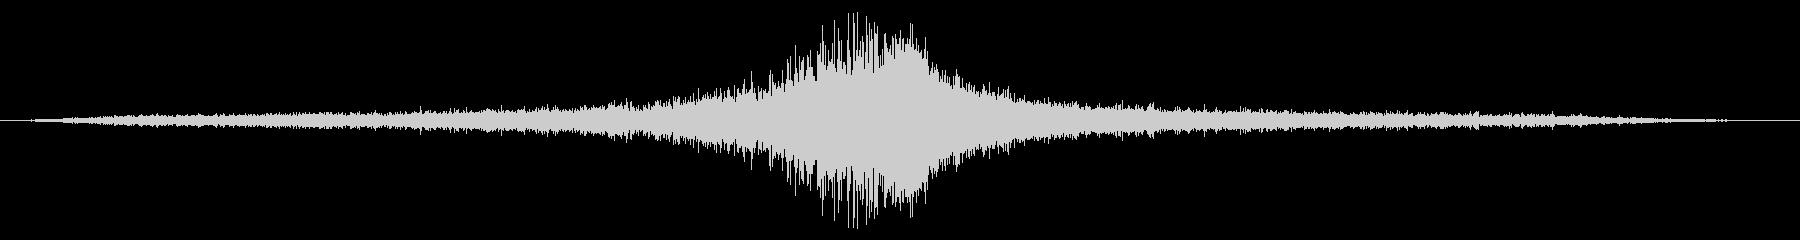 Ext:低速で左から右へパスの未再生の波形